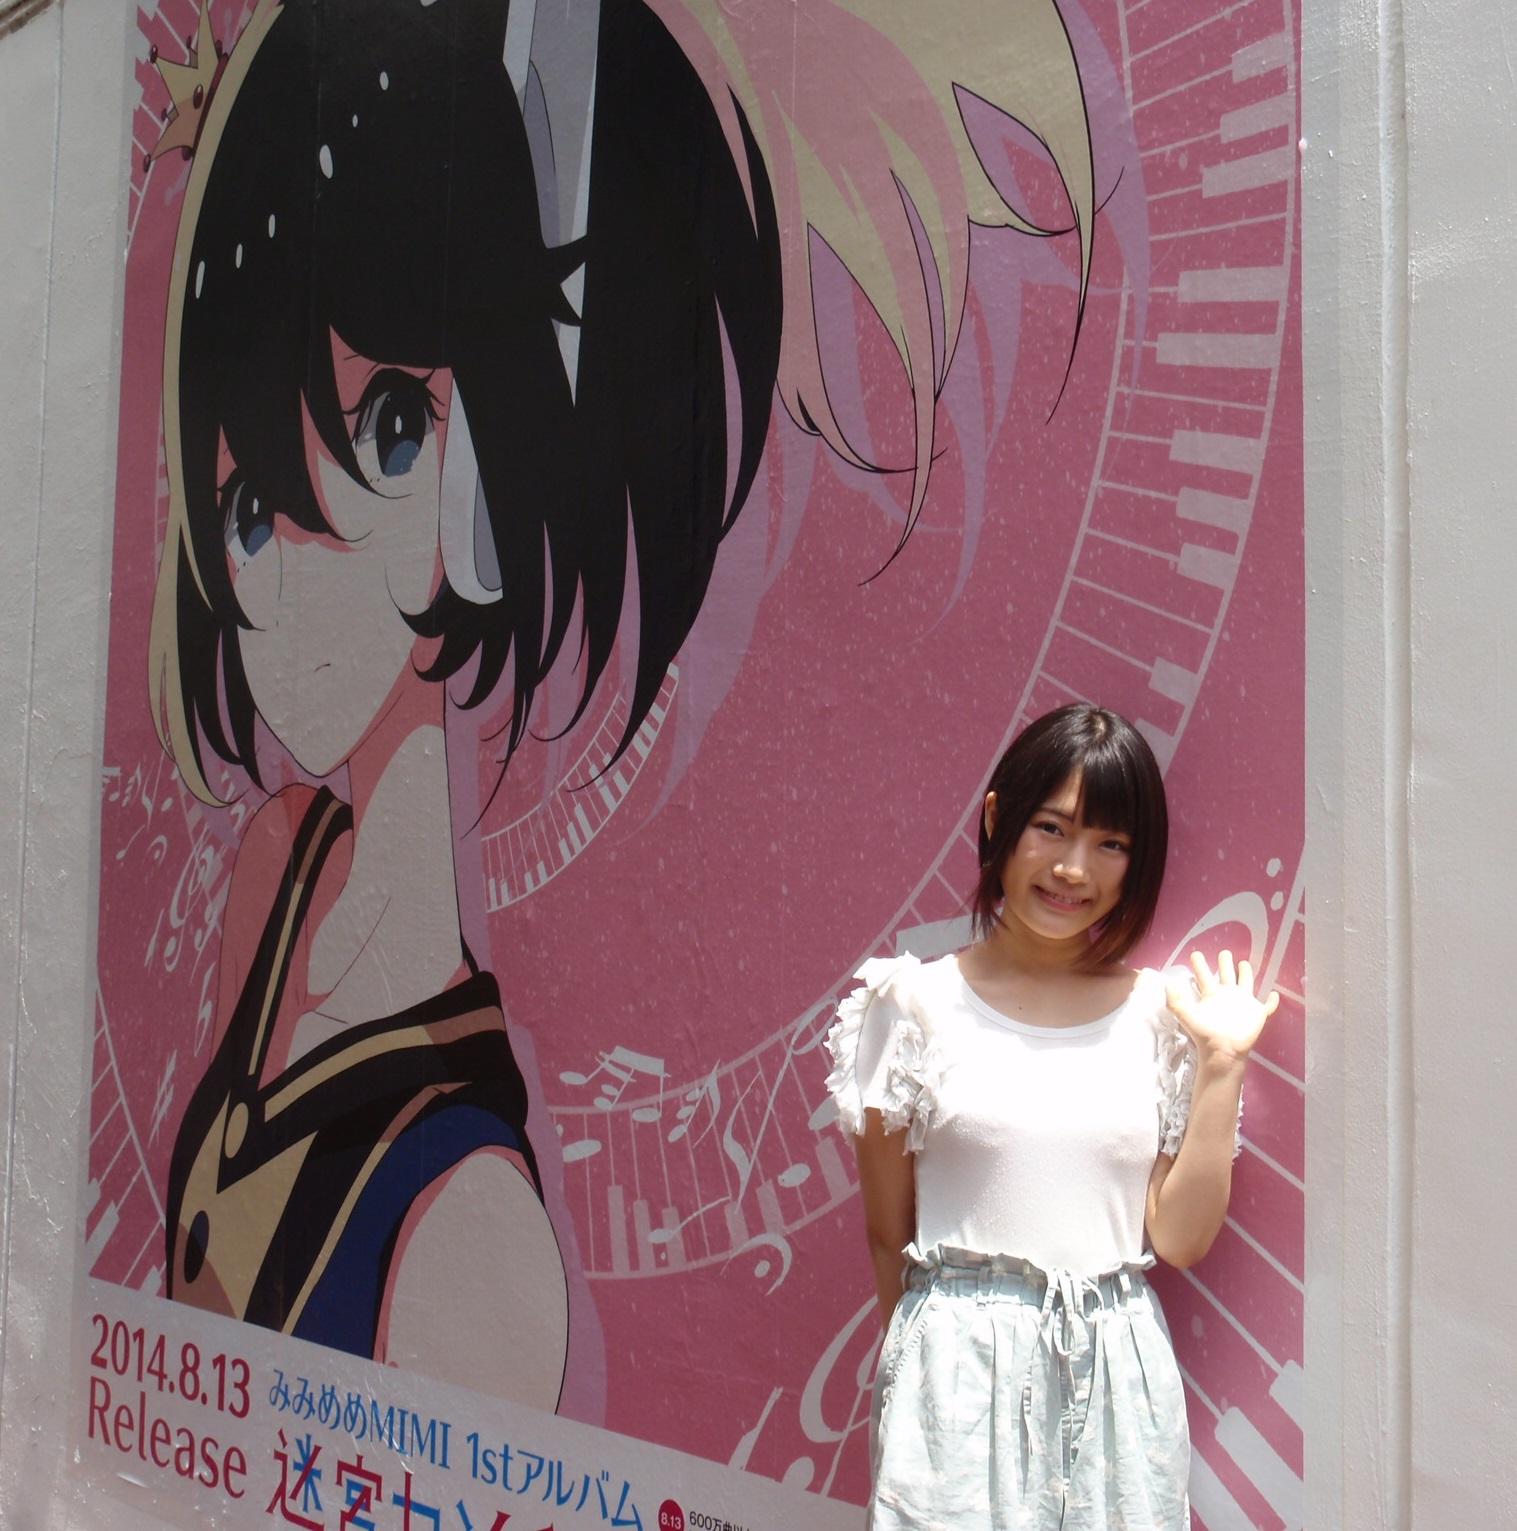 渋谷PARCOパート1区役所通り側壁面、みみめめMIMI巨大イラスト